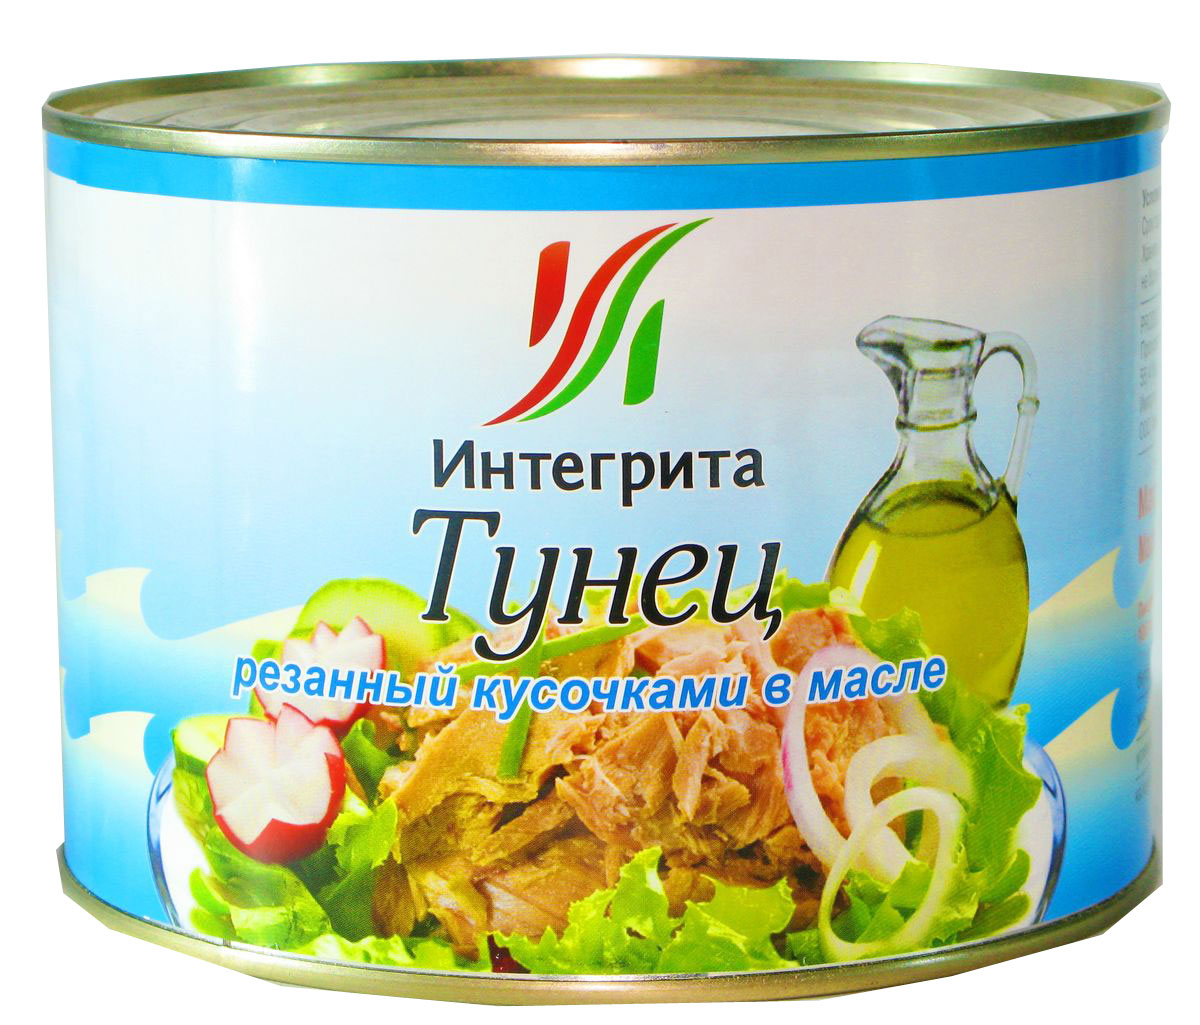 Integrita тунец резаный кусочками в масле, 1,7 кгМС-00001808Приготовлен из мяса молодого тунца. Отличается нежным цветом и приятным вкусом. Идеален для приготовления салатов, закусок, горячих бутербродов и других вкусных блюд.